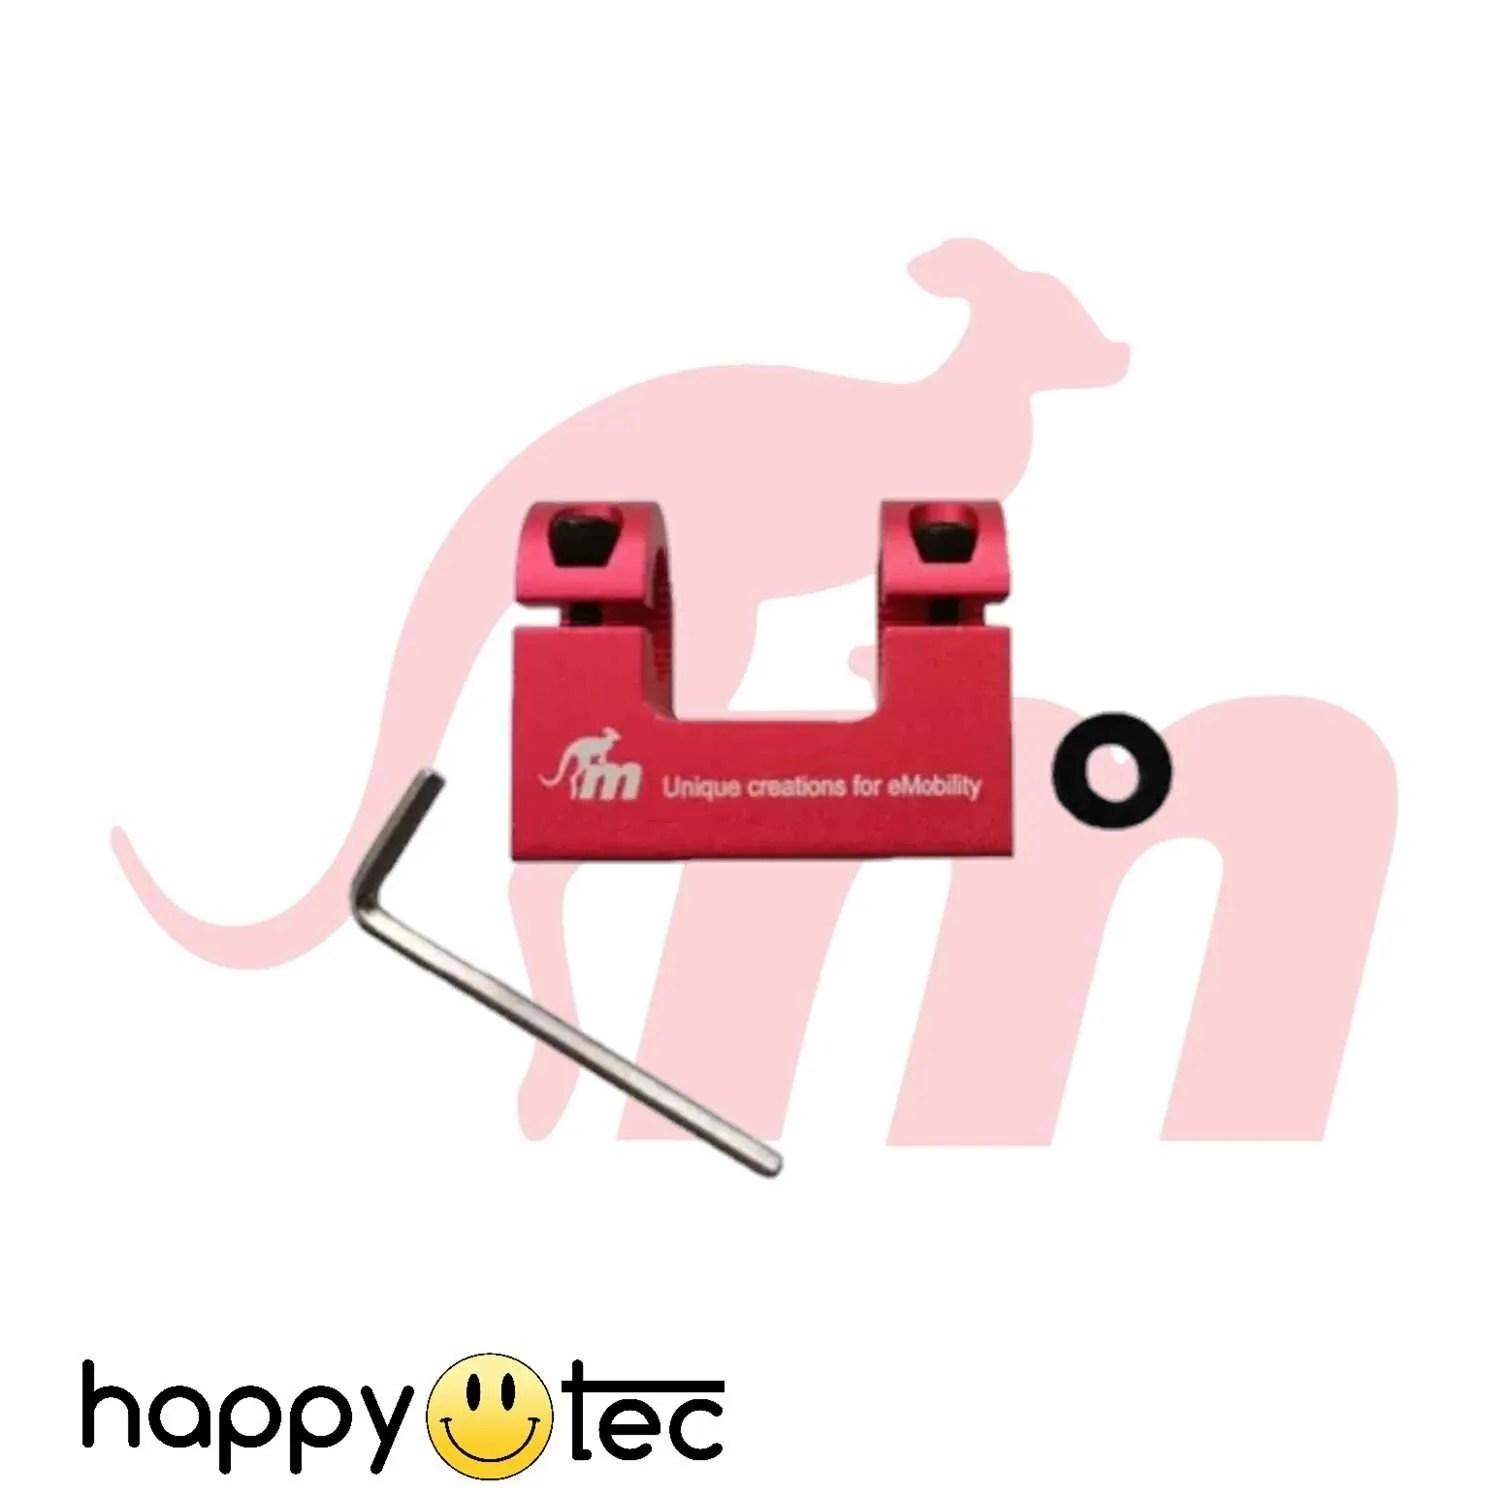 Supporto-parafango-per-ammortizzatori-by-Monorim-Rosso ricambi accessori riparazione assistenza tecnica monopattini elettrici monorim